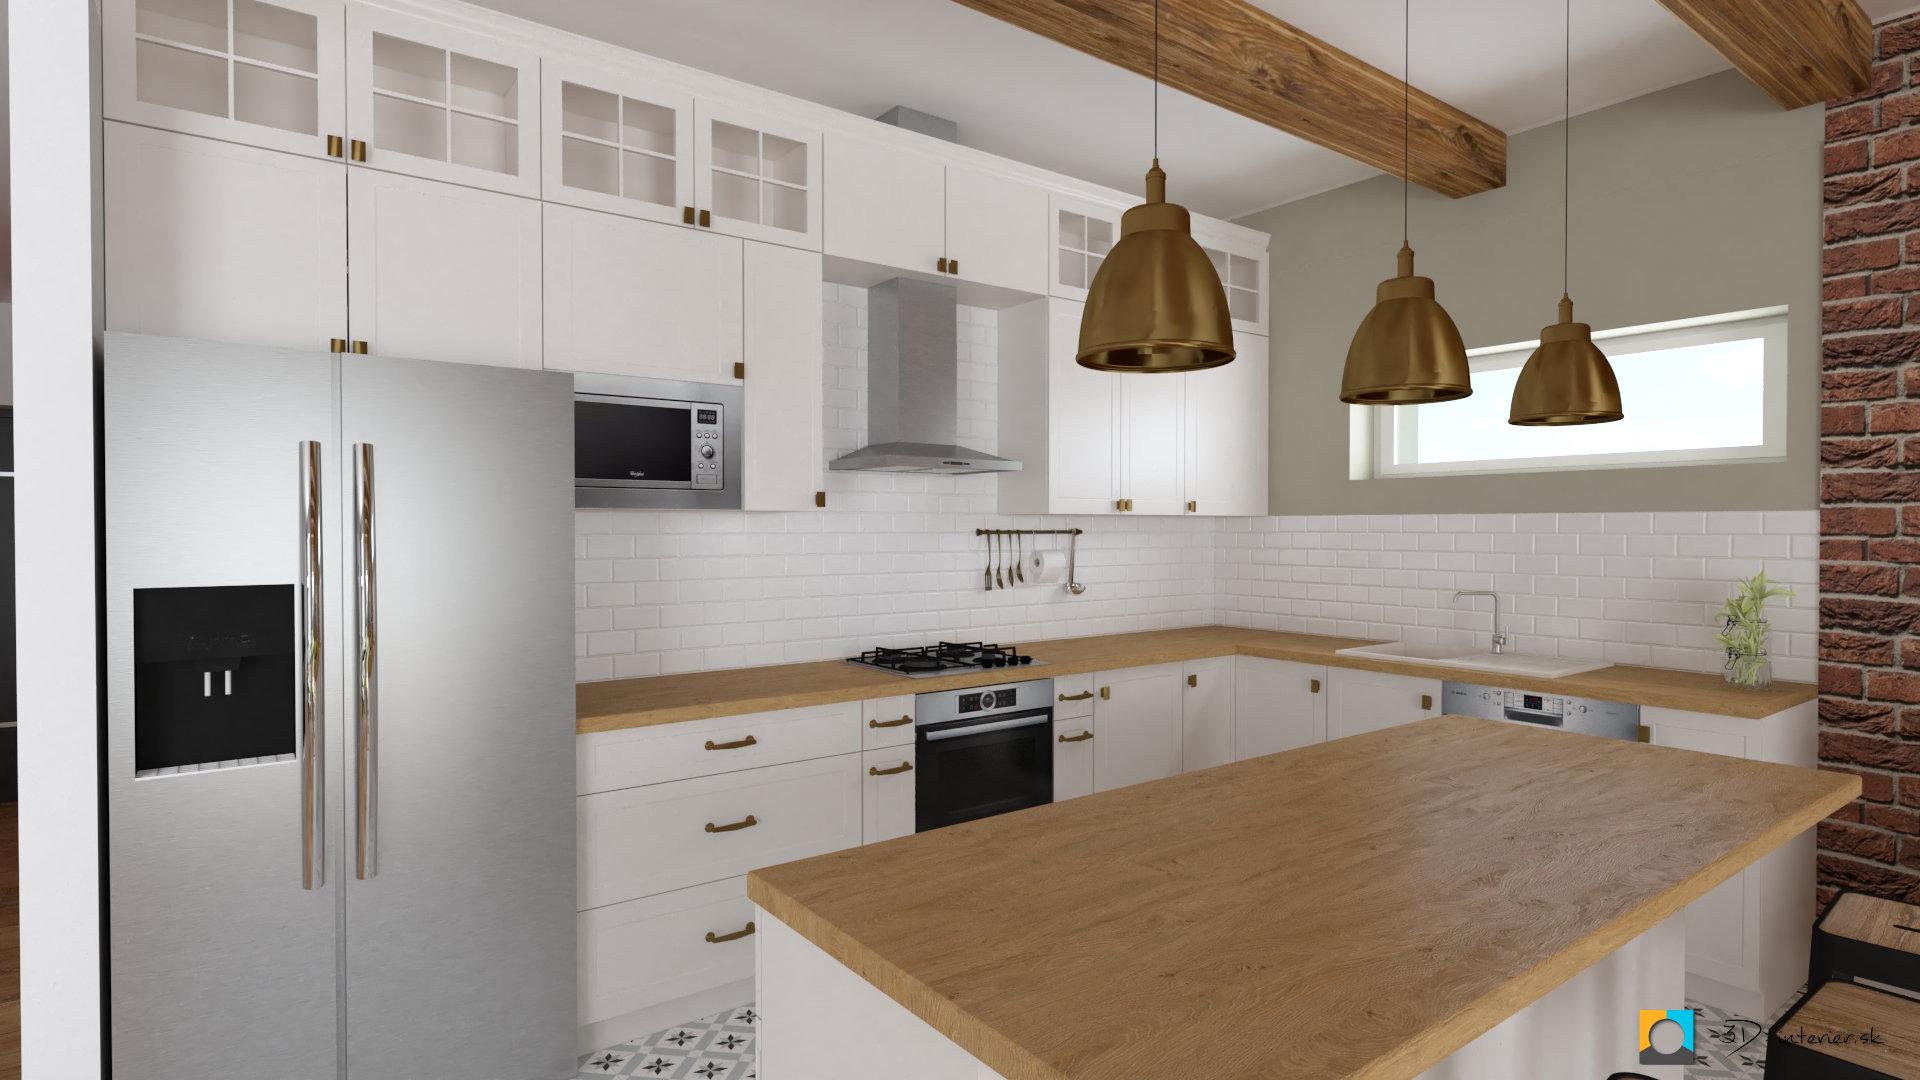 biela kuchynská linka s drevenou pracovnou doskou, barové sedenie, závesné svetlá nad pult